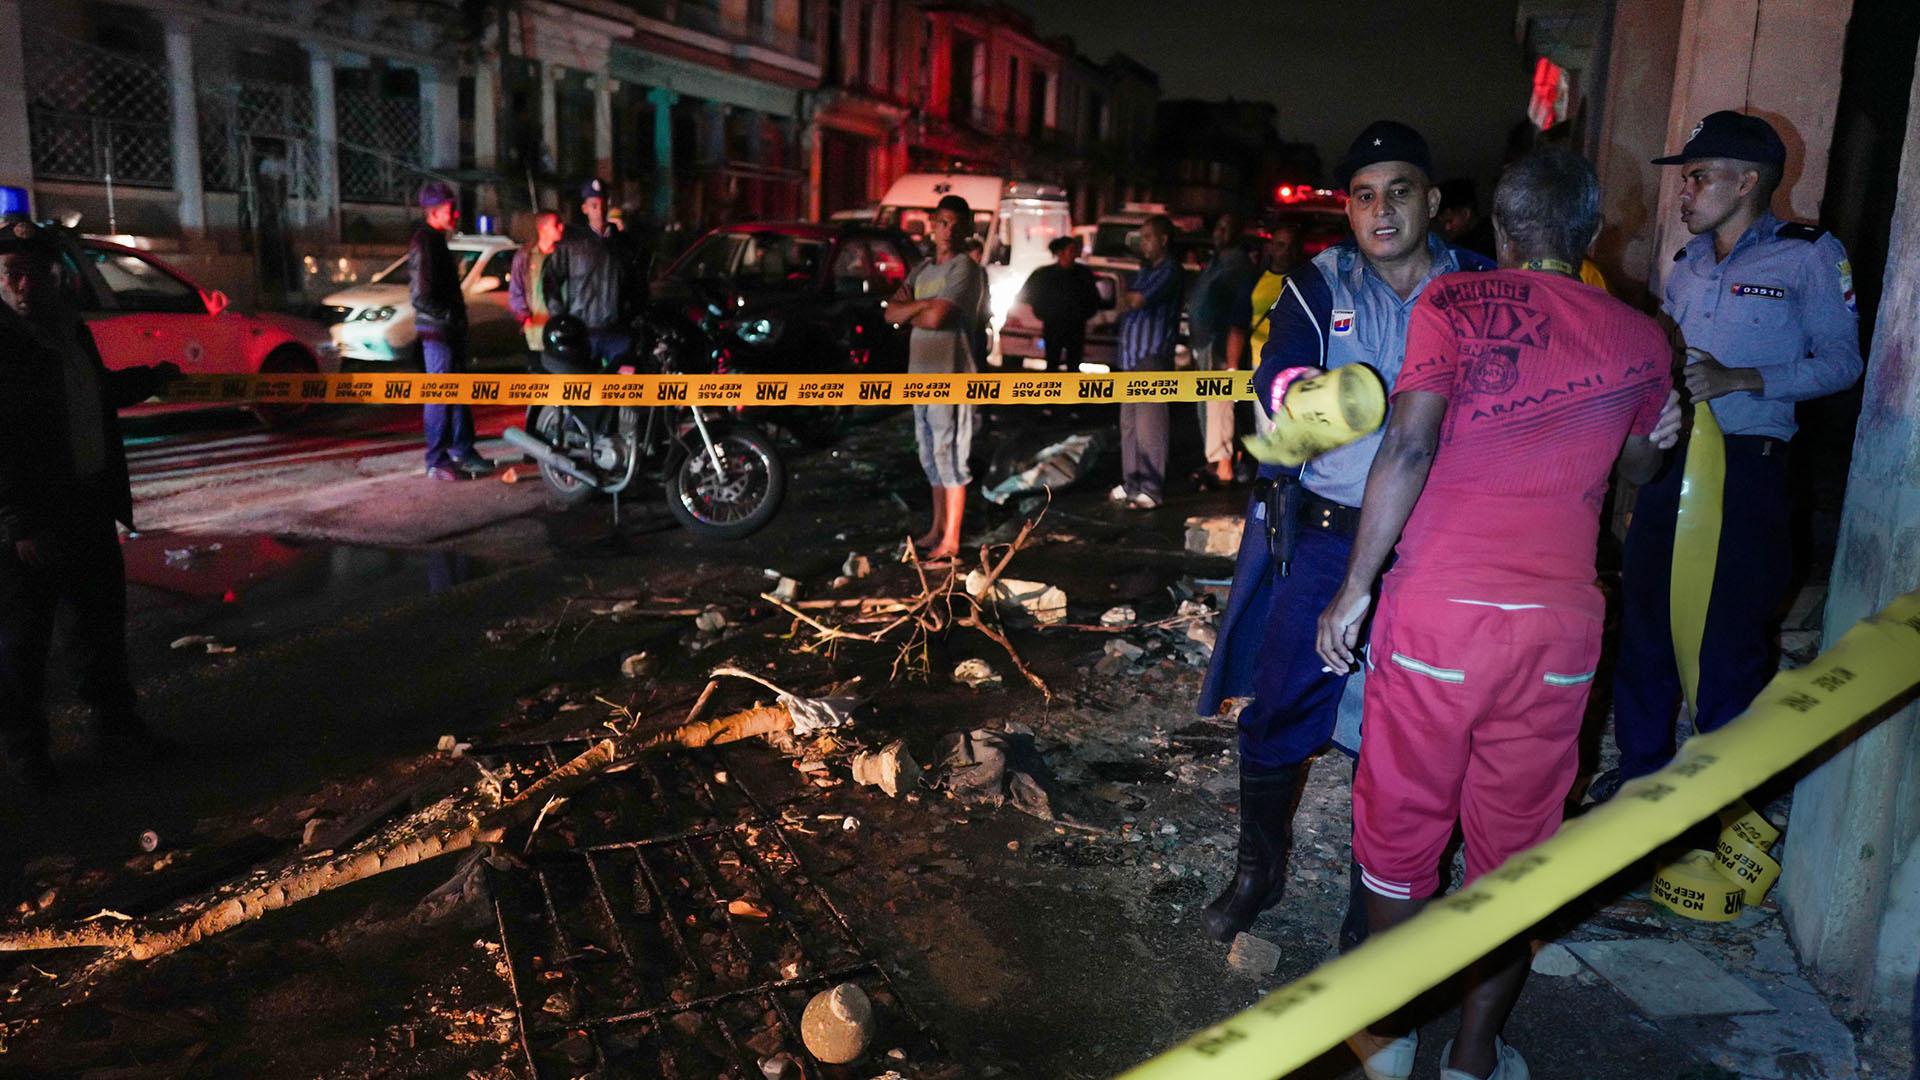 El fenómeno impactó en varios barrio de La Habana (AFP)